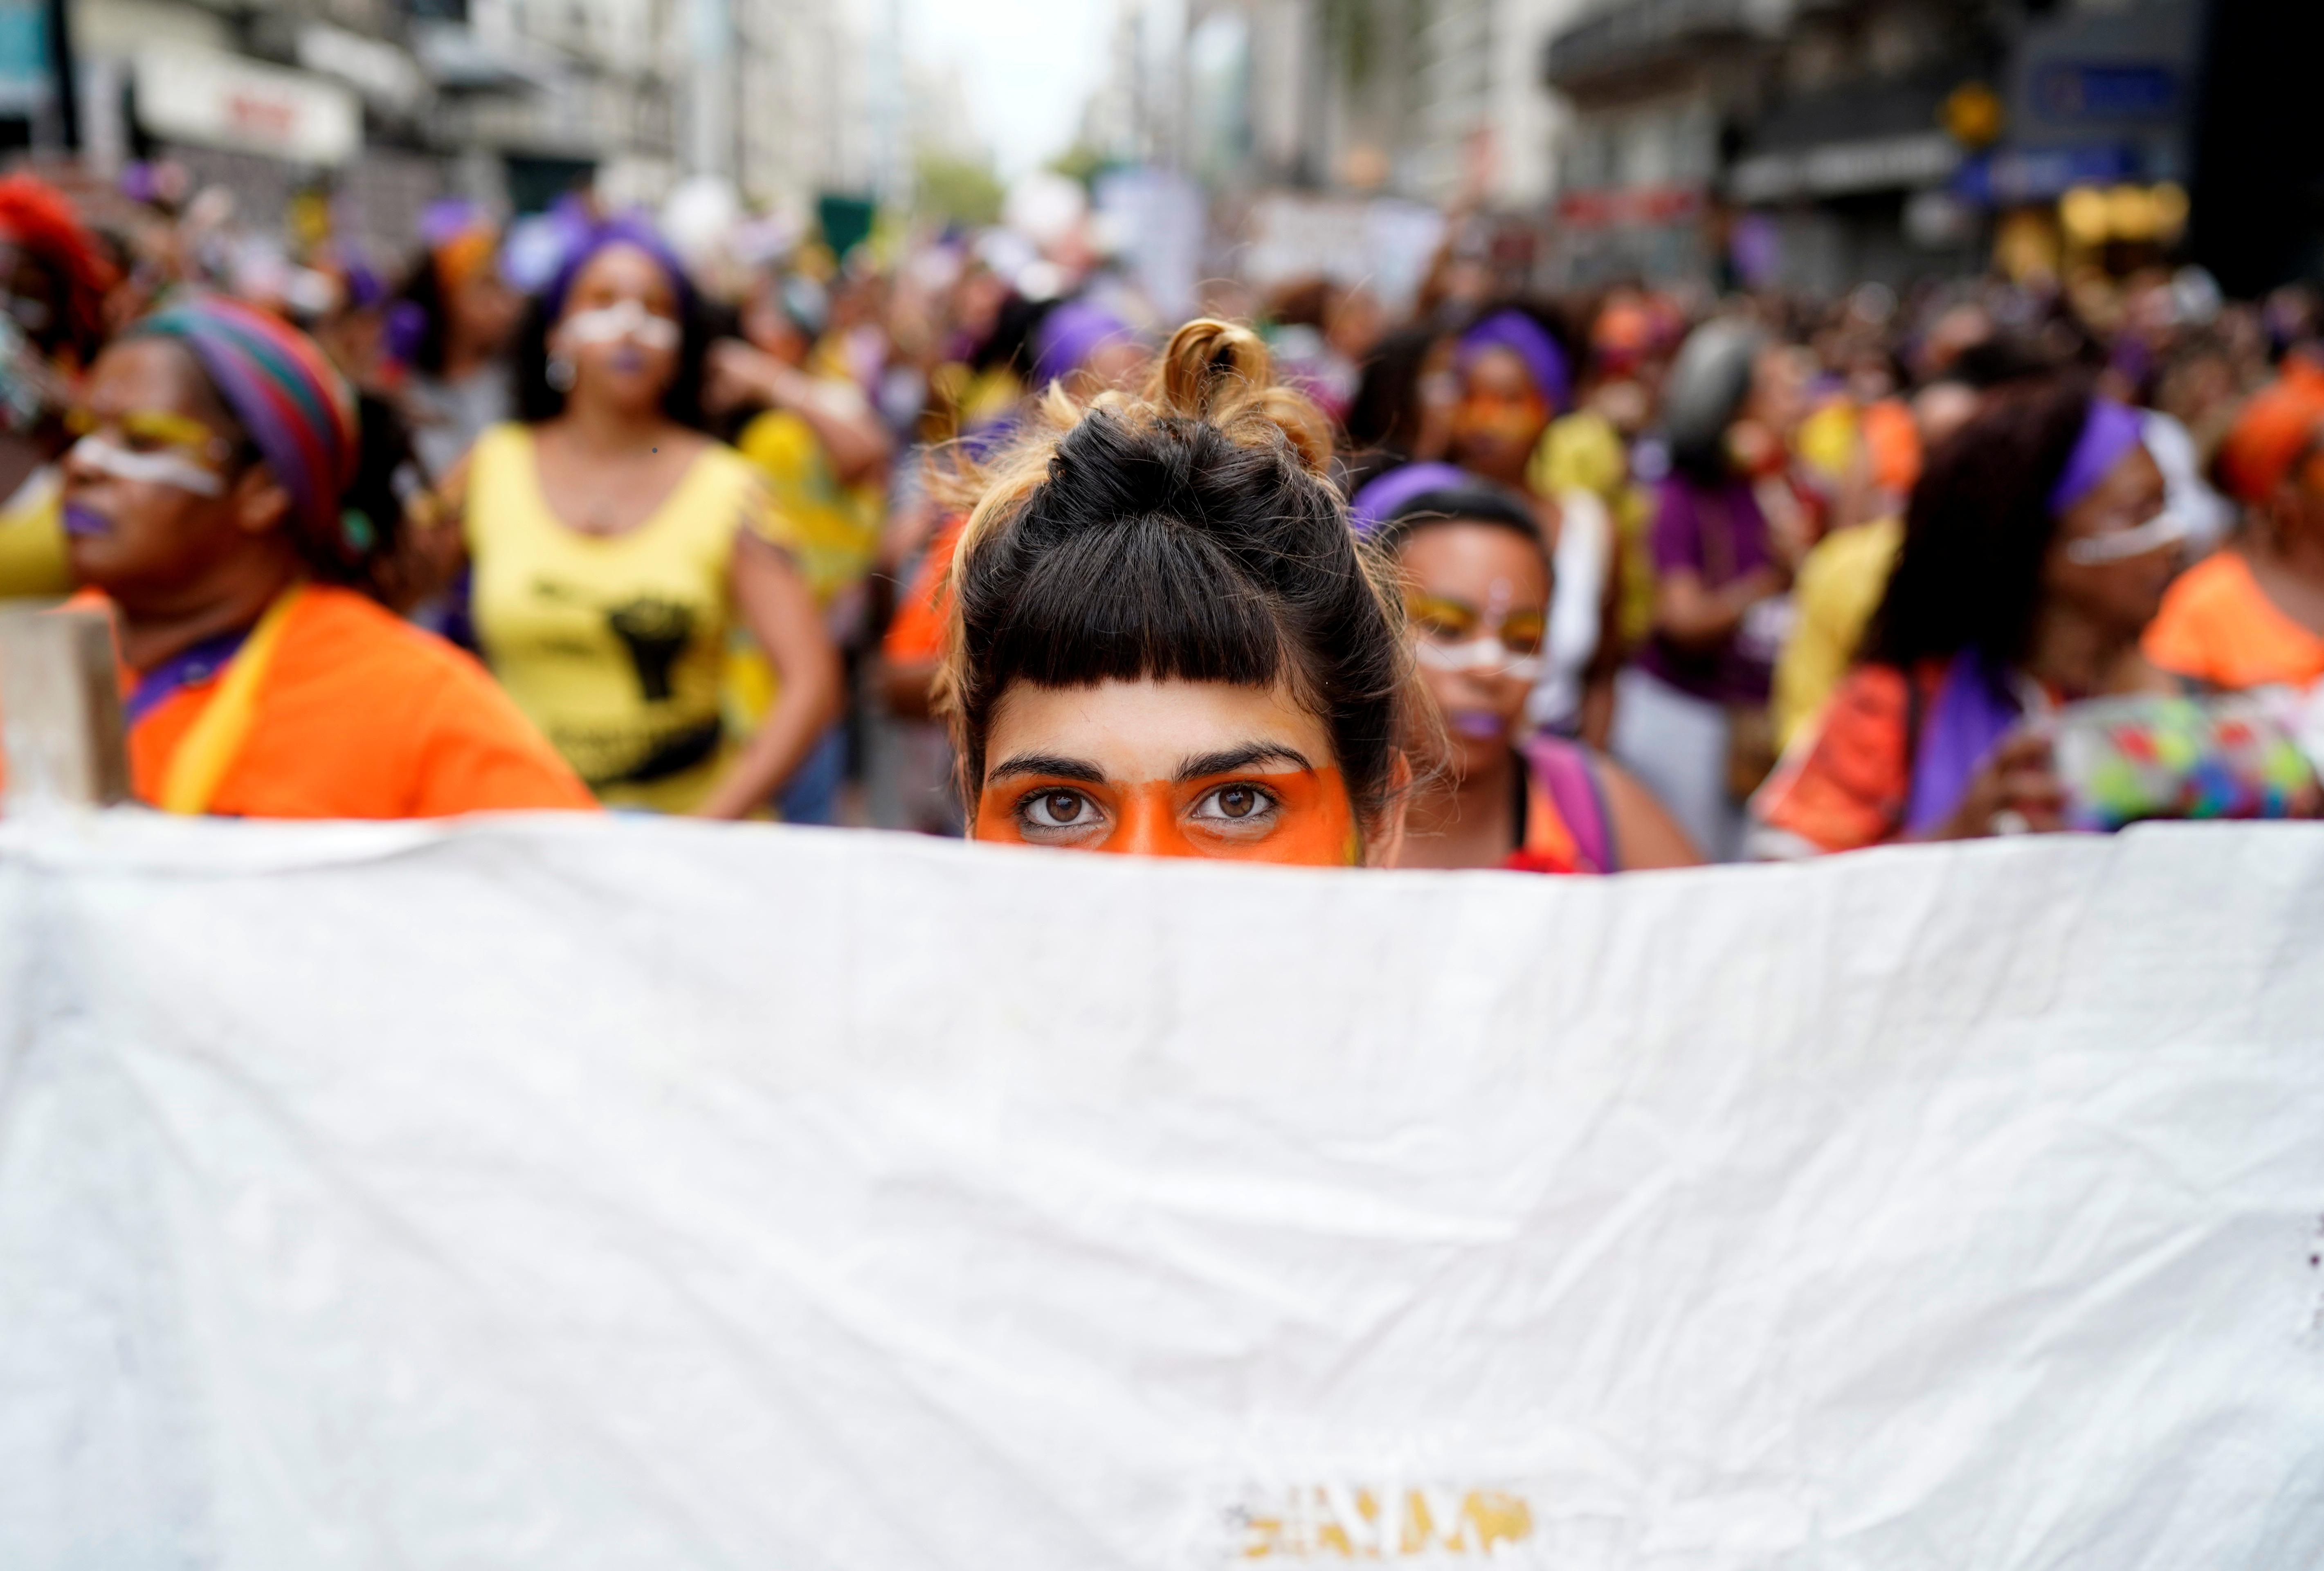 Las mujeres participan de la marcha en Uruguay. REUTERS/Deborah Elenter